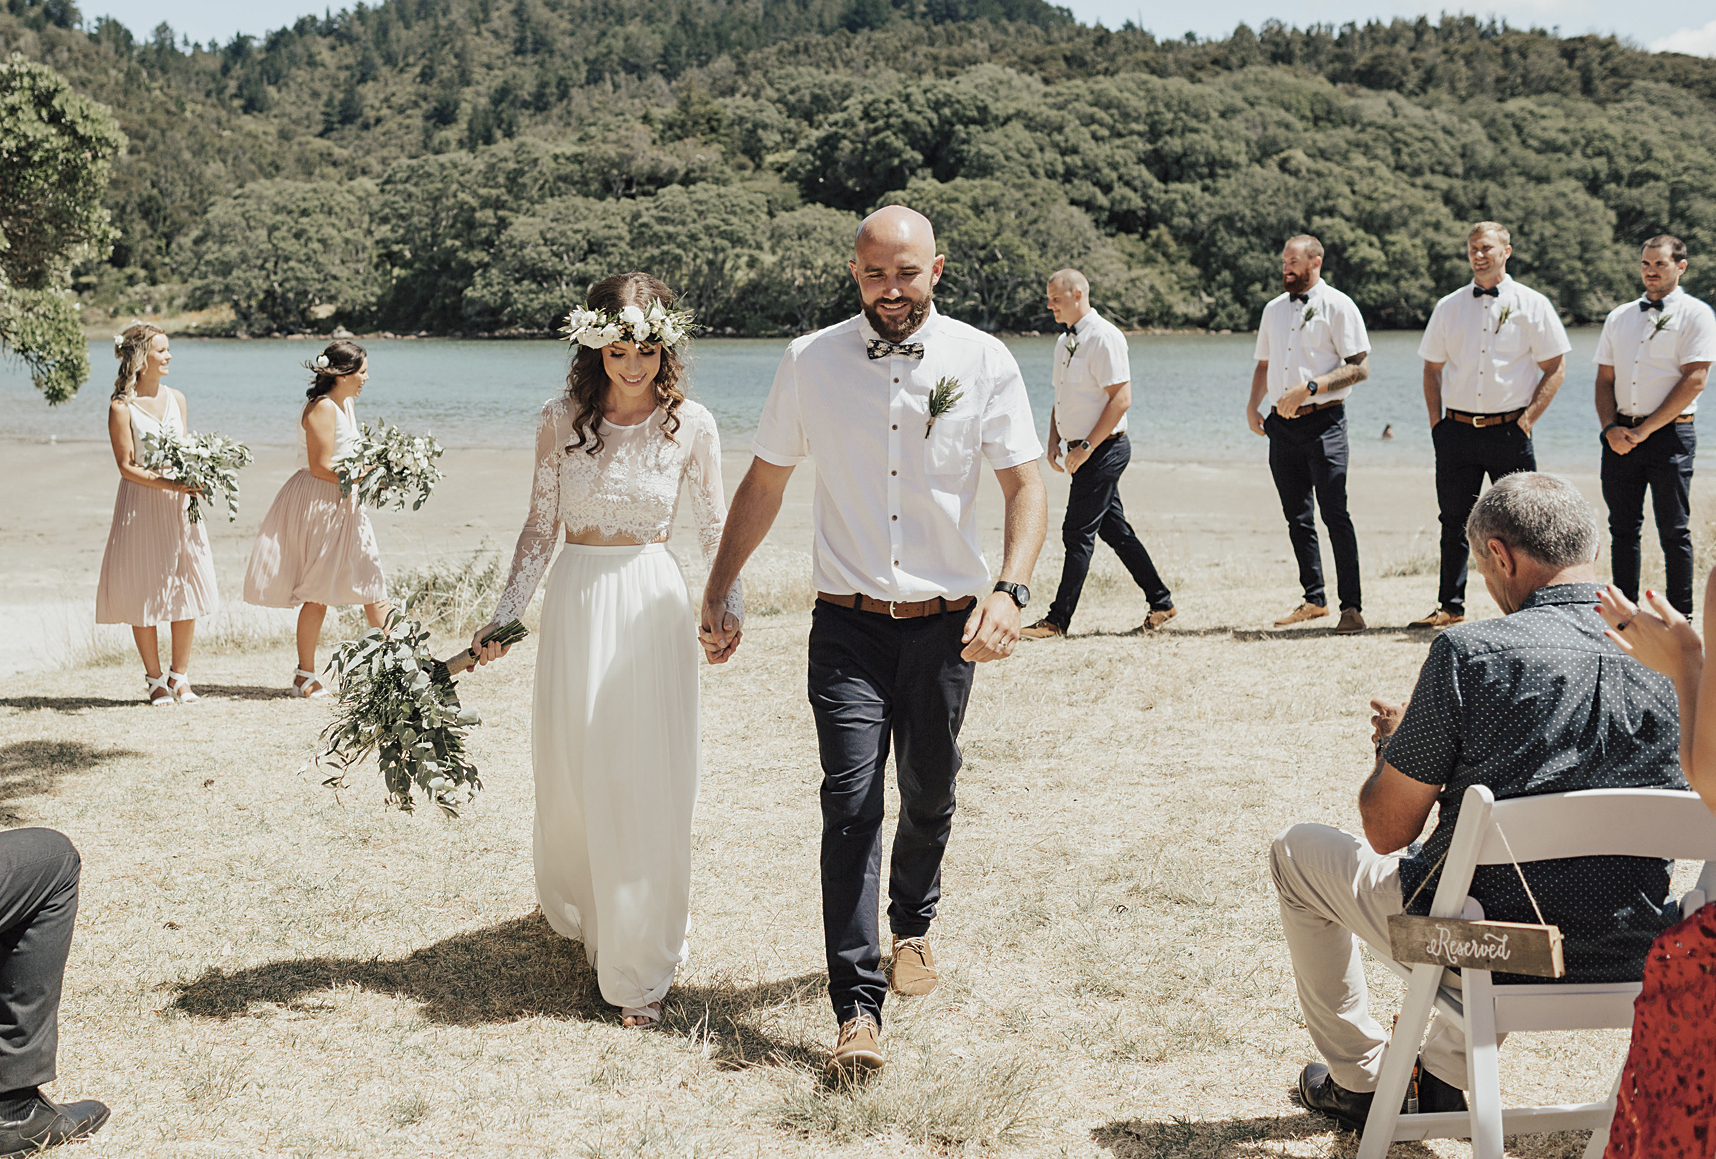 Bride & Groom Mag WEDDING OF THE YEAR WINNERS Katie & Matt 1.jpg